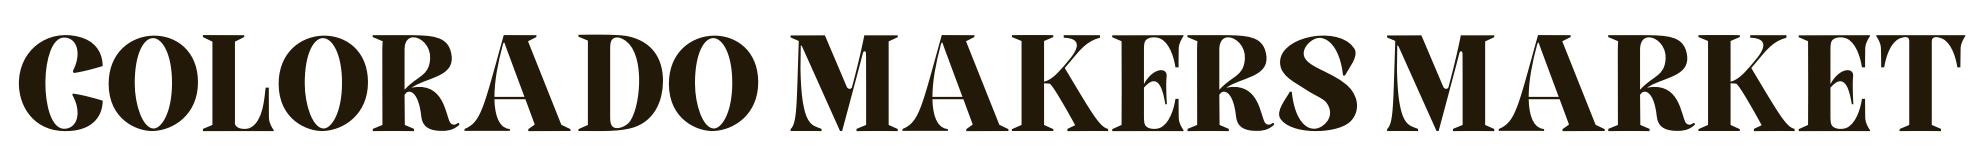 Colorado Makers Market